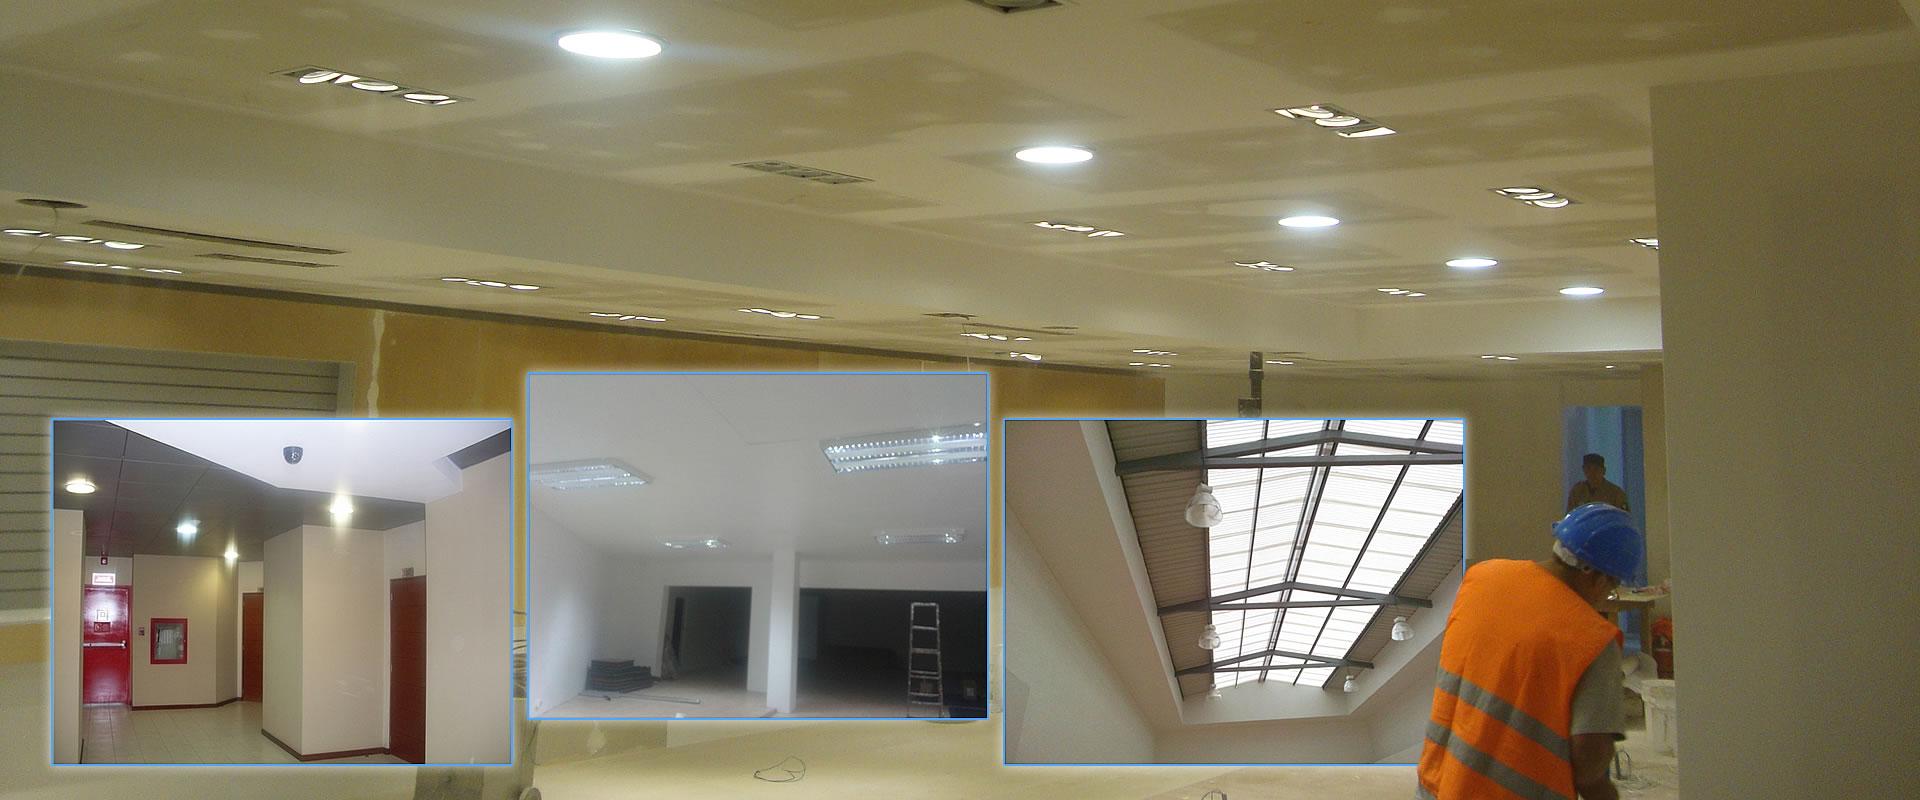 Arcon guatemala arquitectura y construcci n tablayeso for Arquitectura y construccion